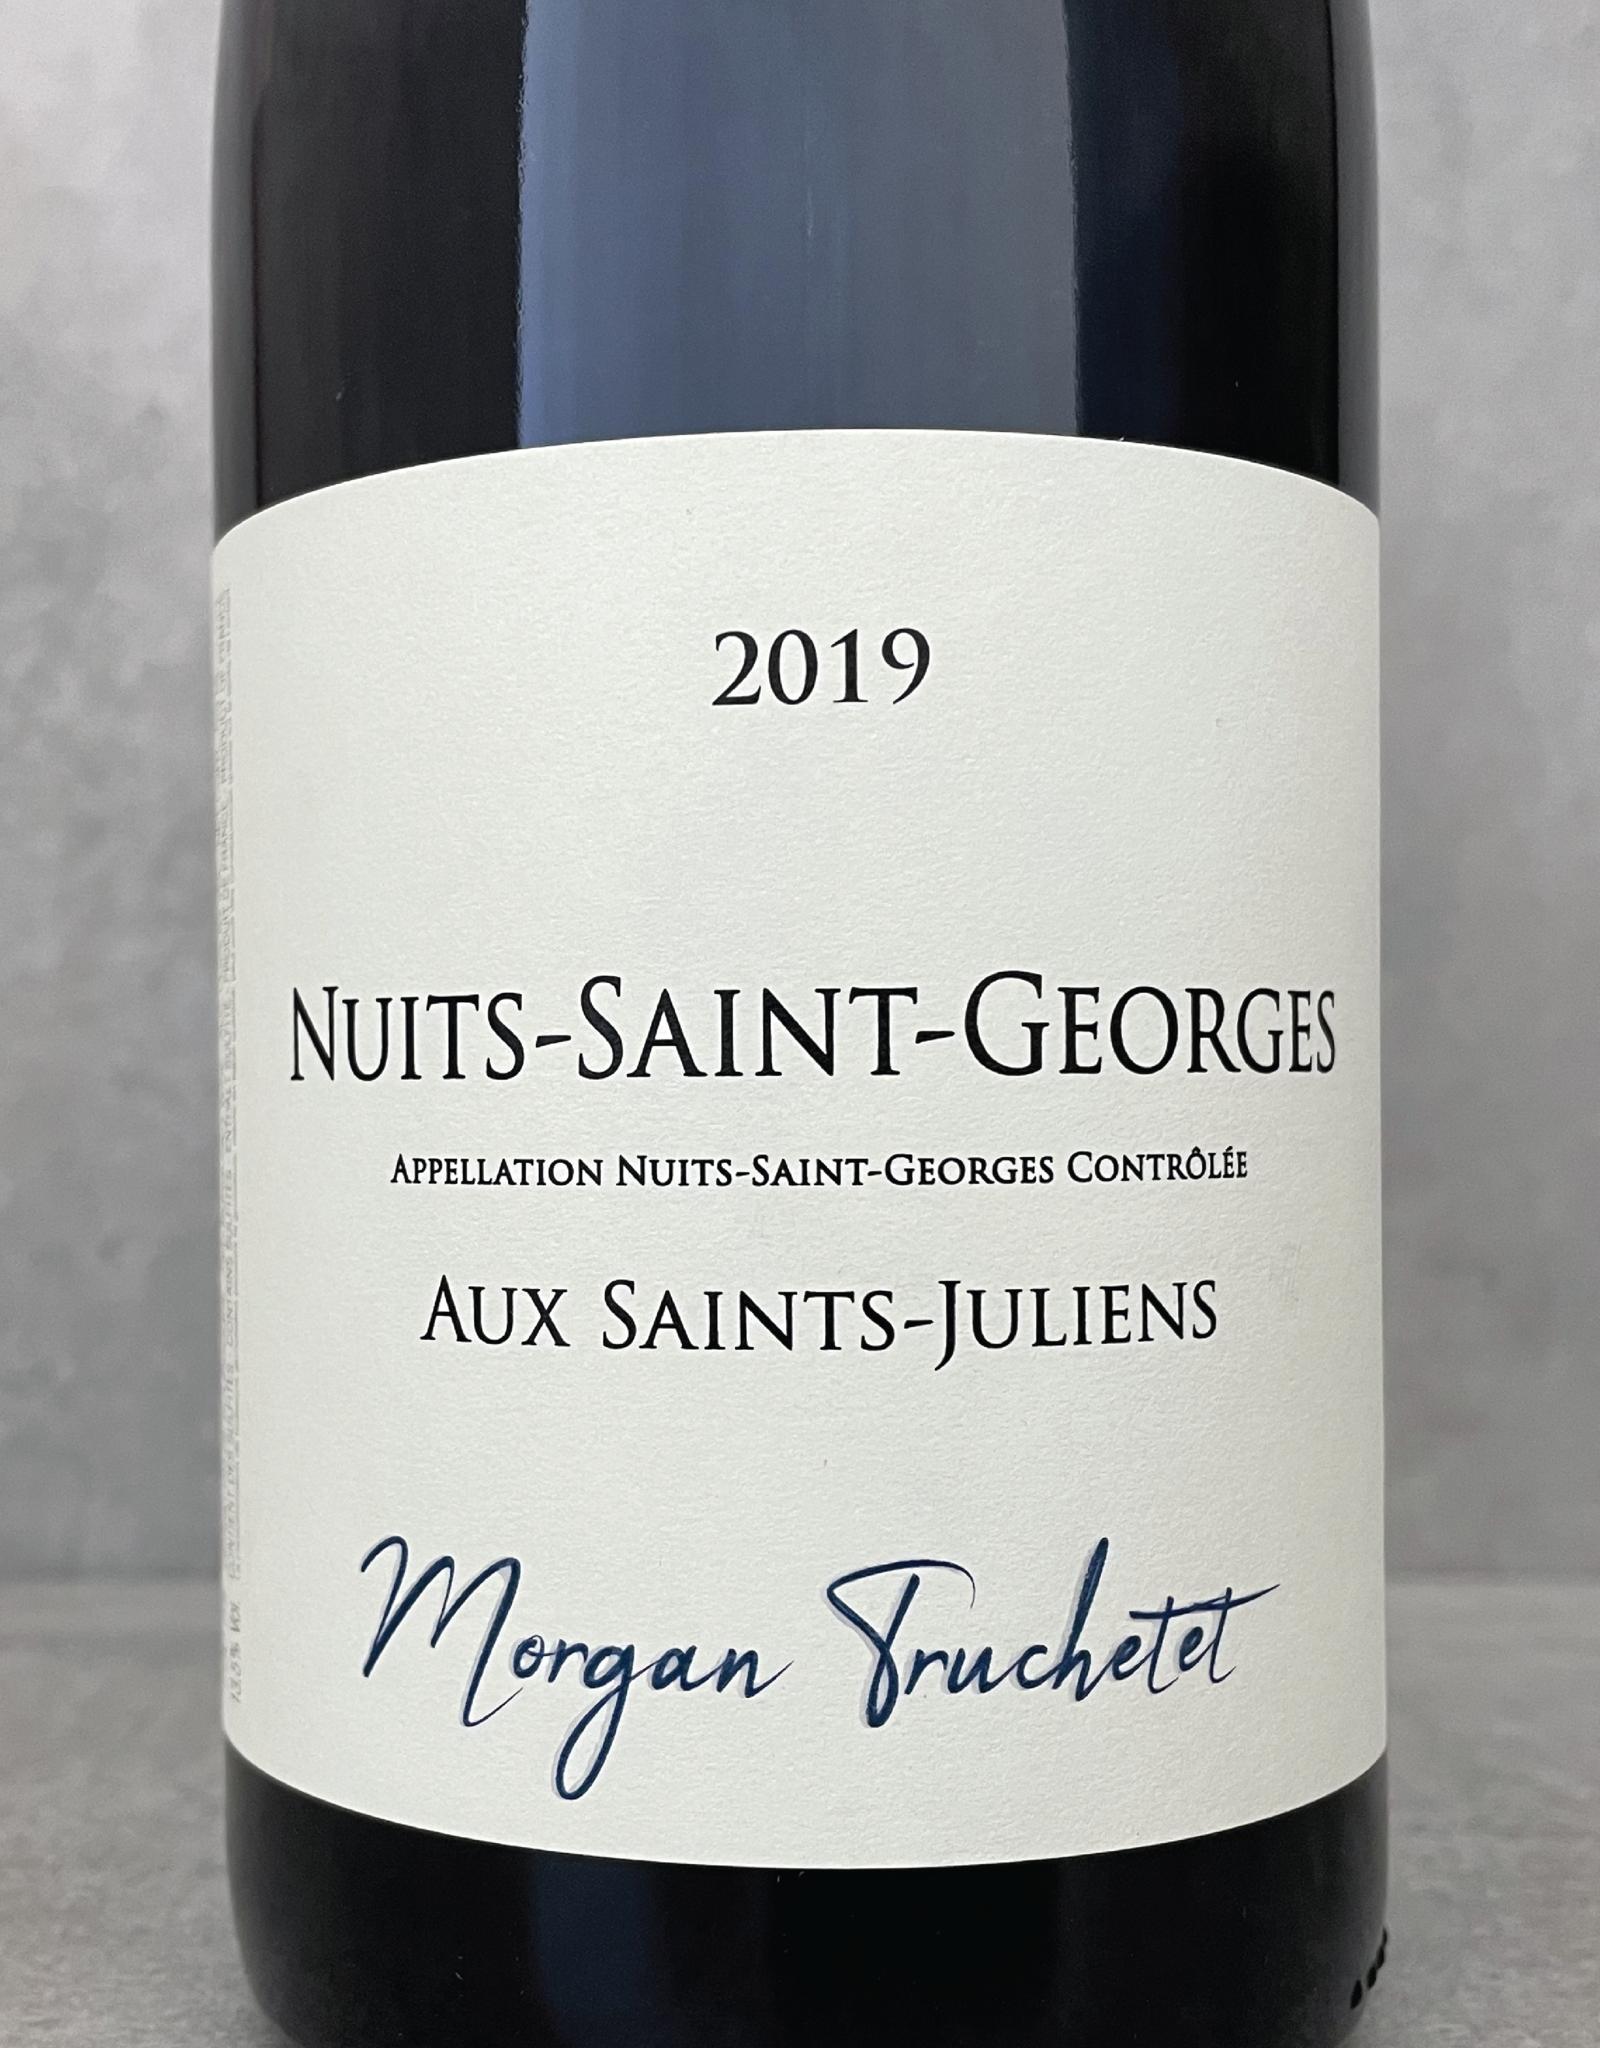 Morgan Truchetet Nuits Saint Georges Aux Saints Juliens 2019